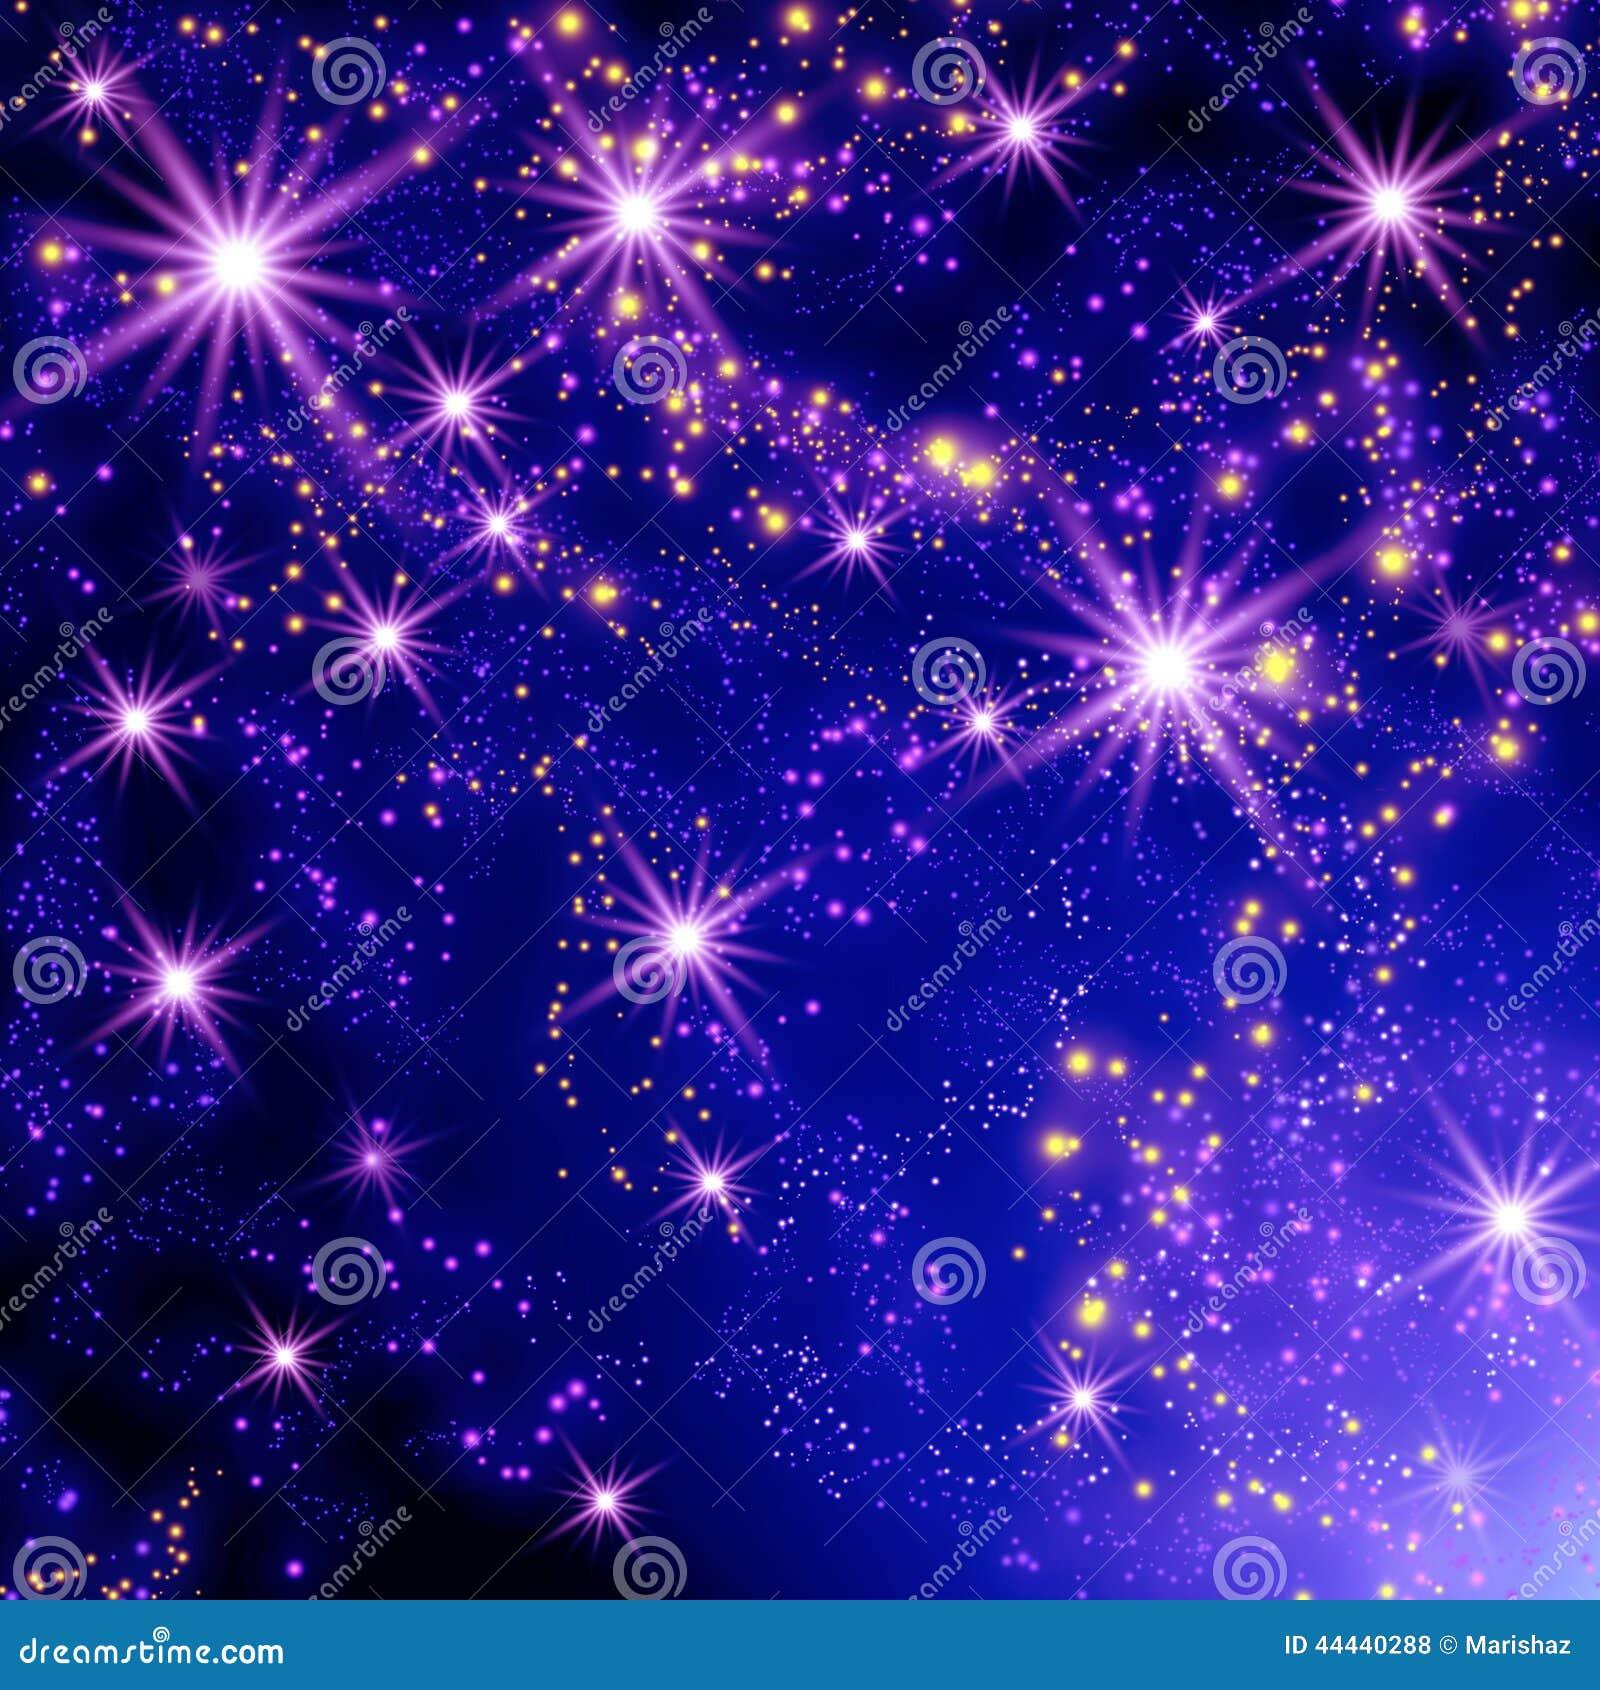 sterren de ruimte 44440288 - Sterren Behang